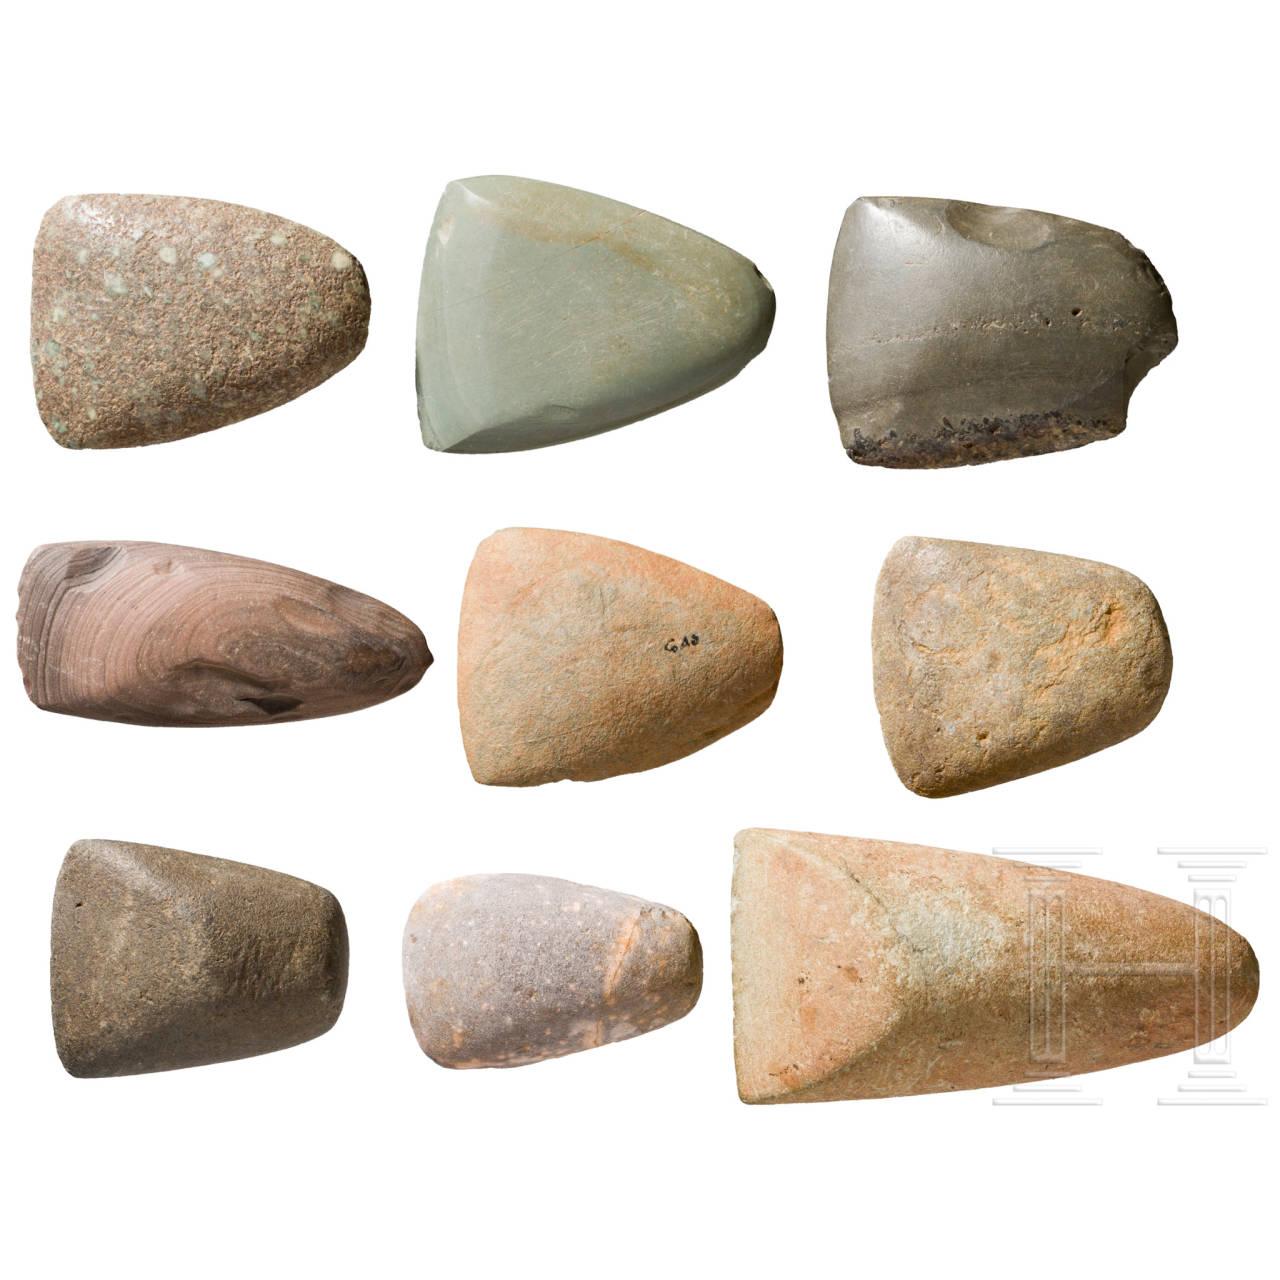 Neun Beil-Einsatzklingen, Sahara, neolithisch